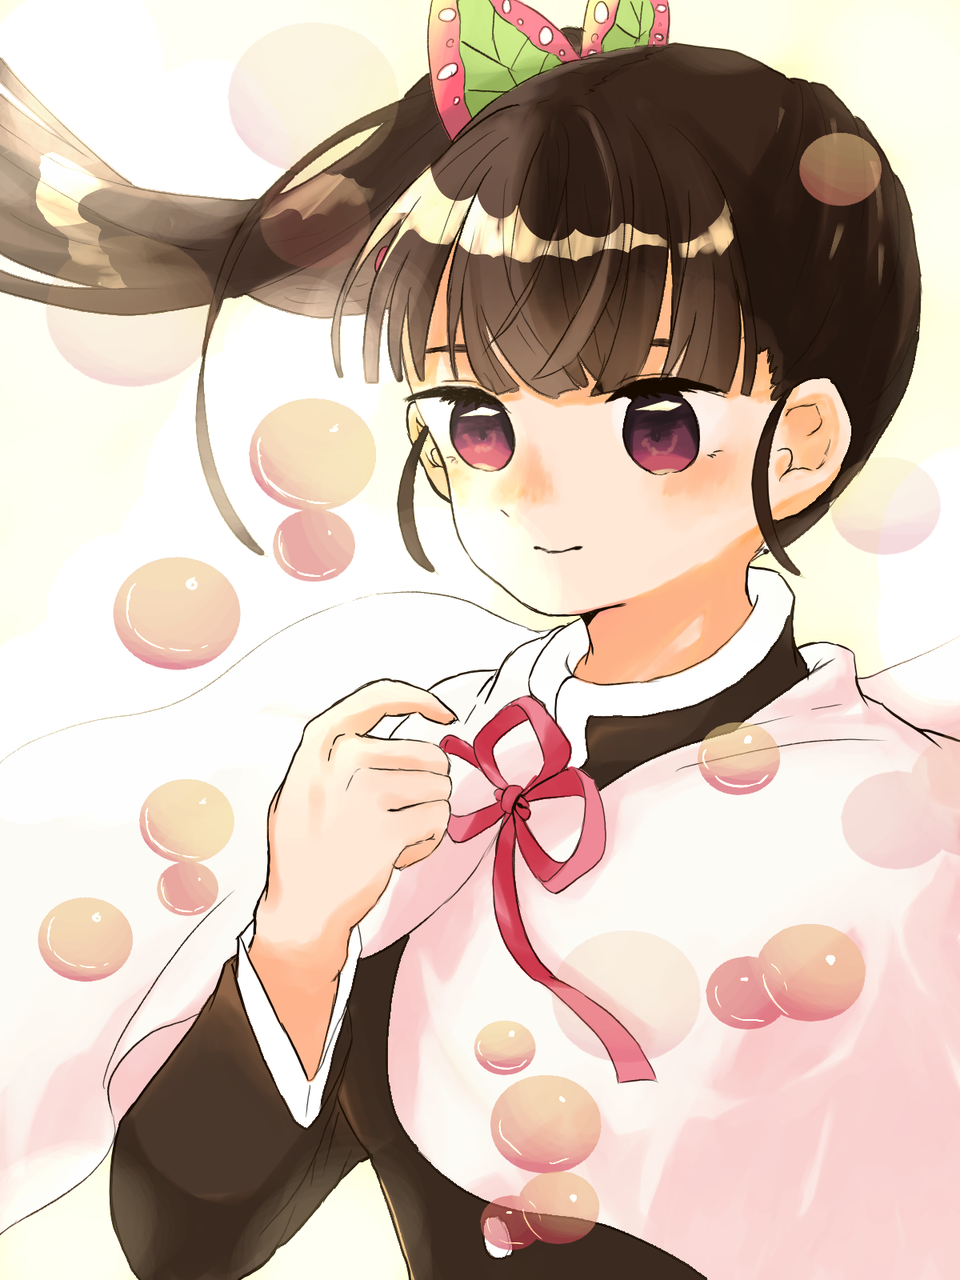 一日遅れのおめでとう Illust of ト・リ・コ・ス・ケ TsuyuriKanao birthday KimetsunoYaiba